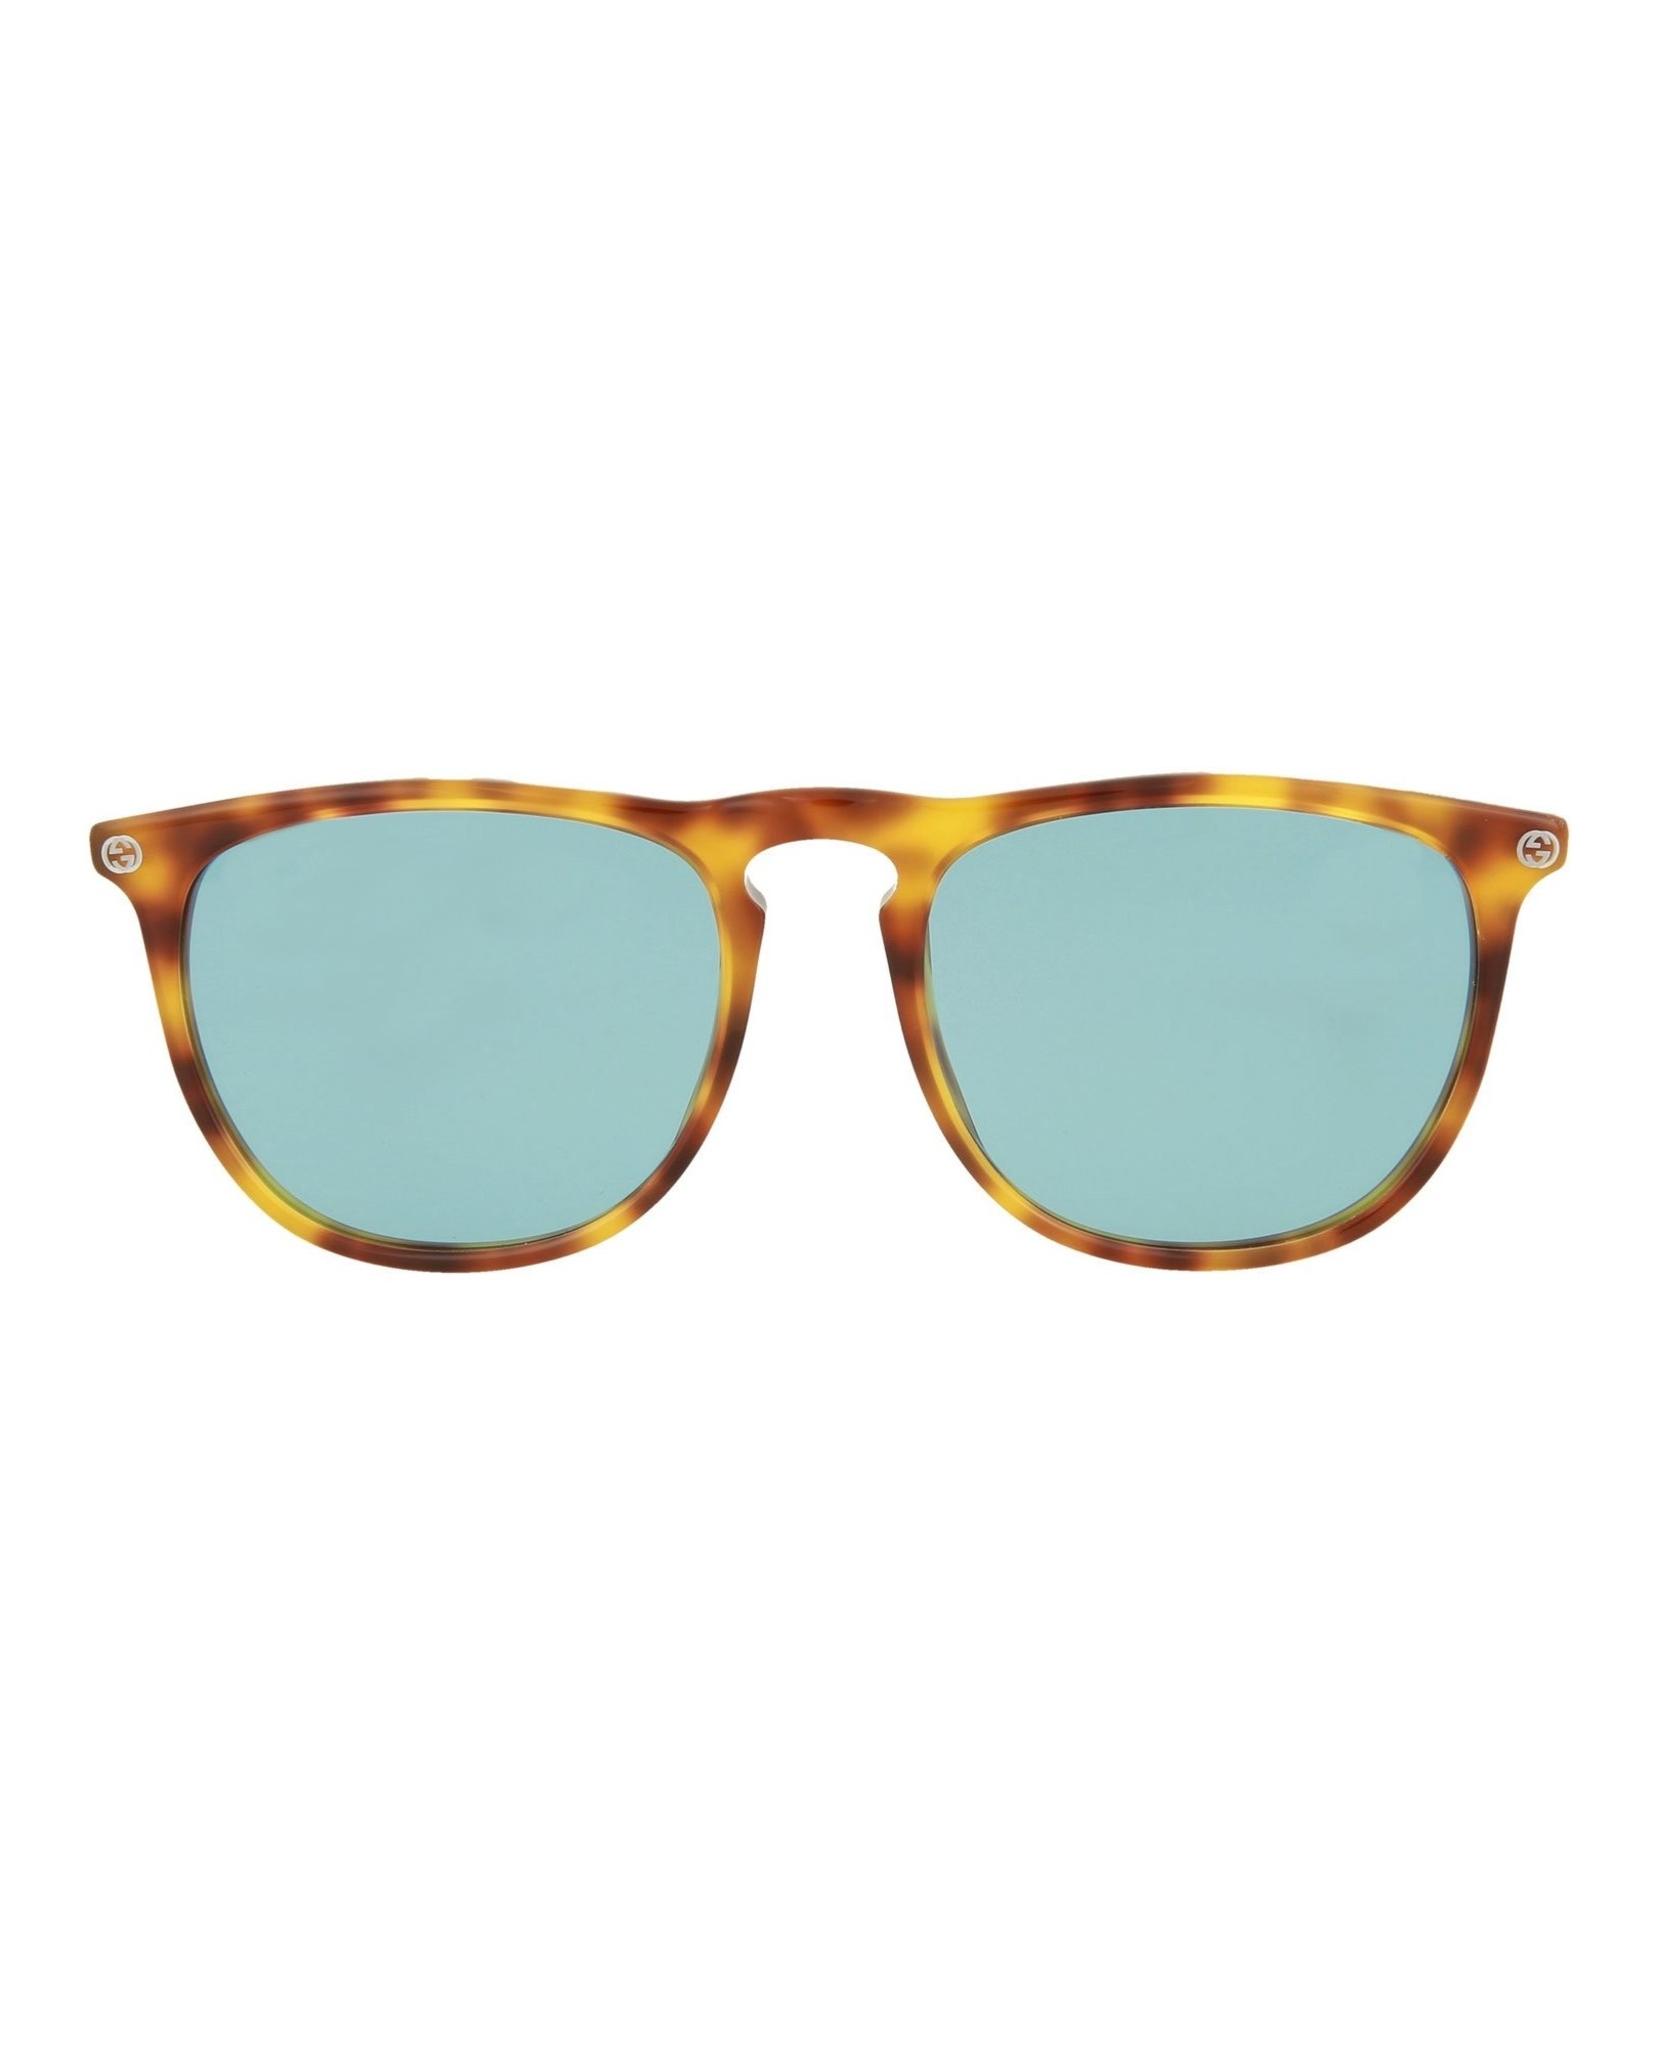 69d9105a4a959 Gucci Mens Sunglasses GG0120S 191966078551